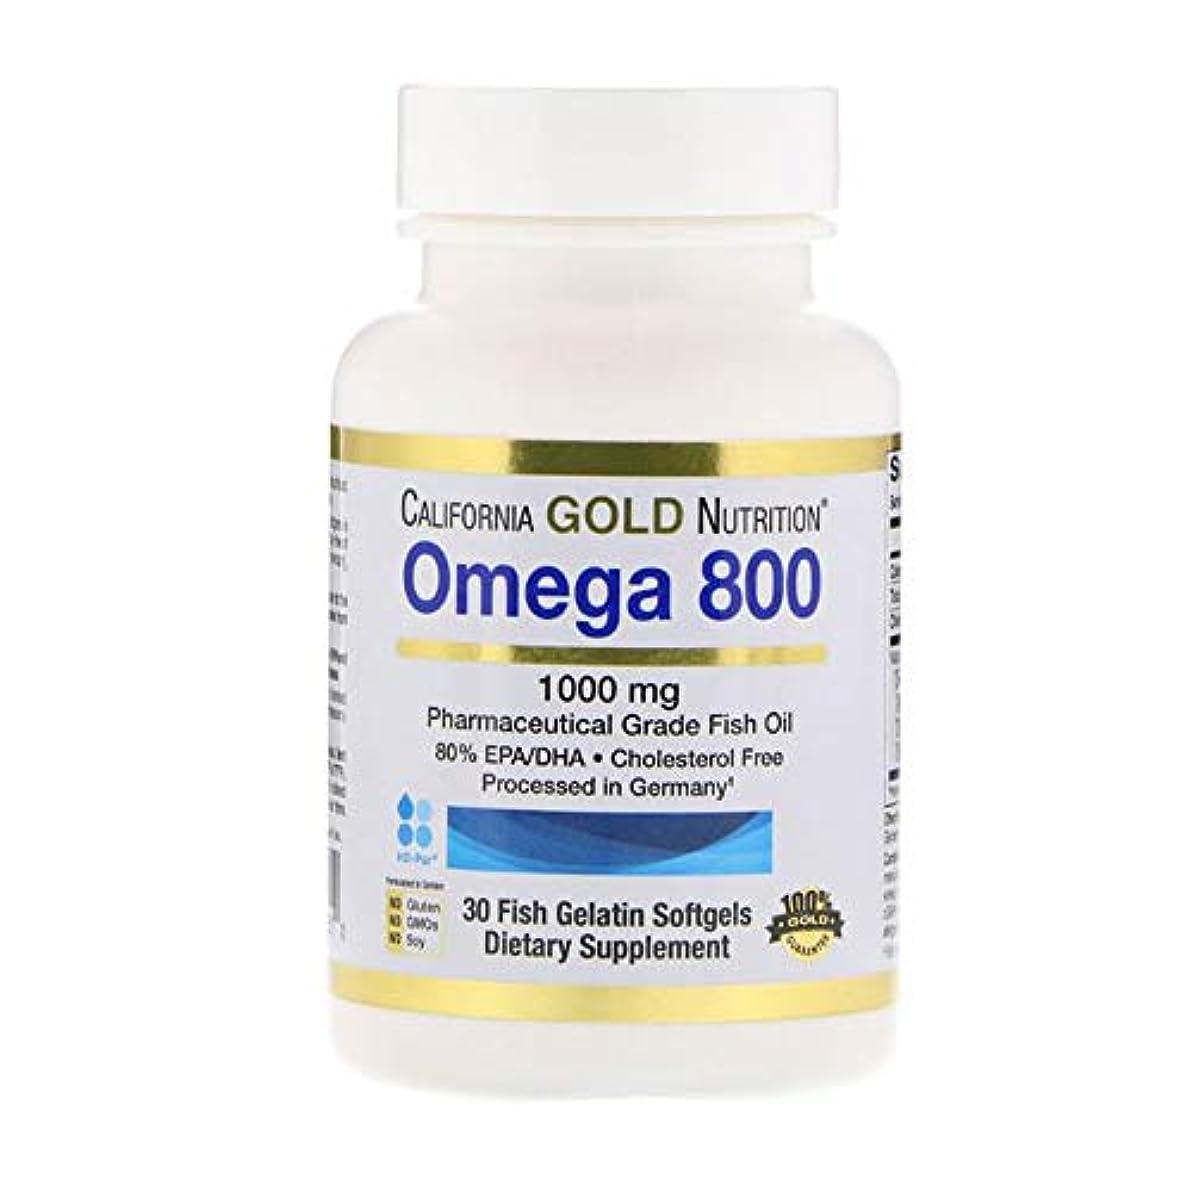 薬局オーバーヘッド安価なCalifornia Gold Nutrition オメガ 800 80% EPA DHA 1000mg 30個 【アメリカ直送】